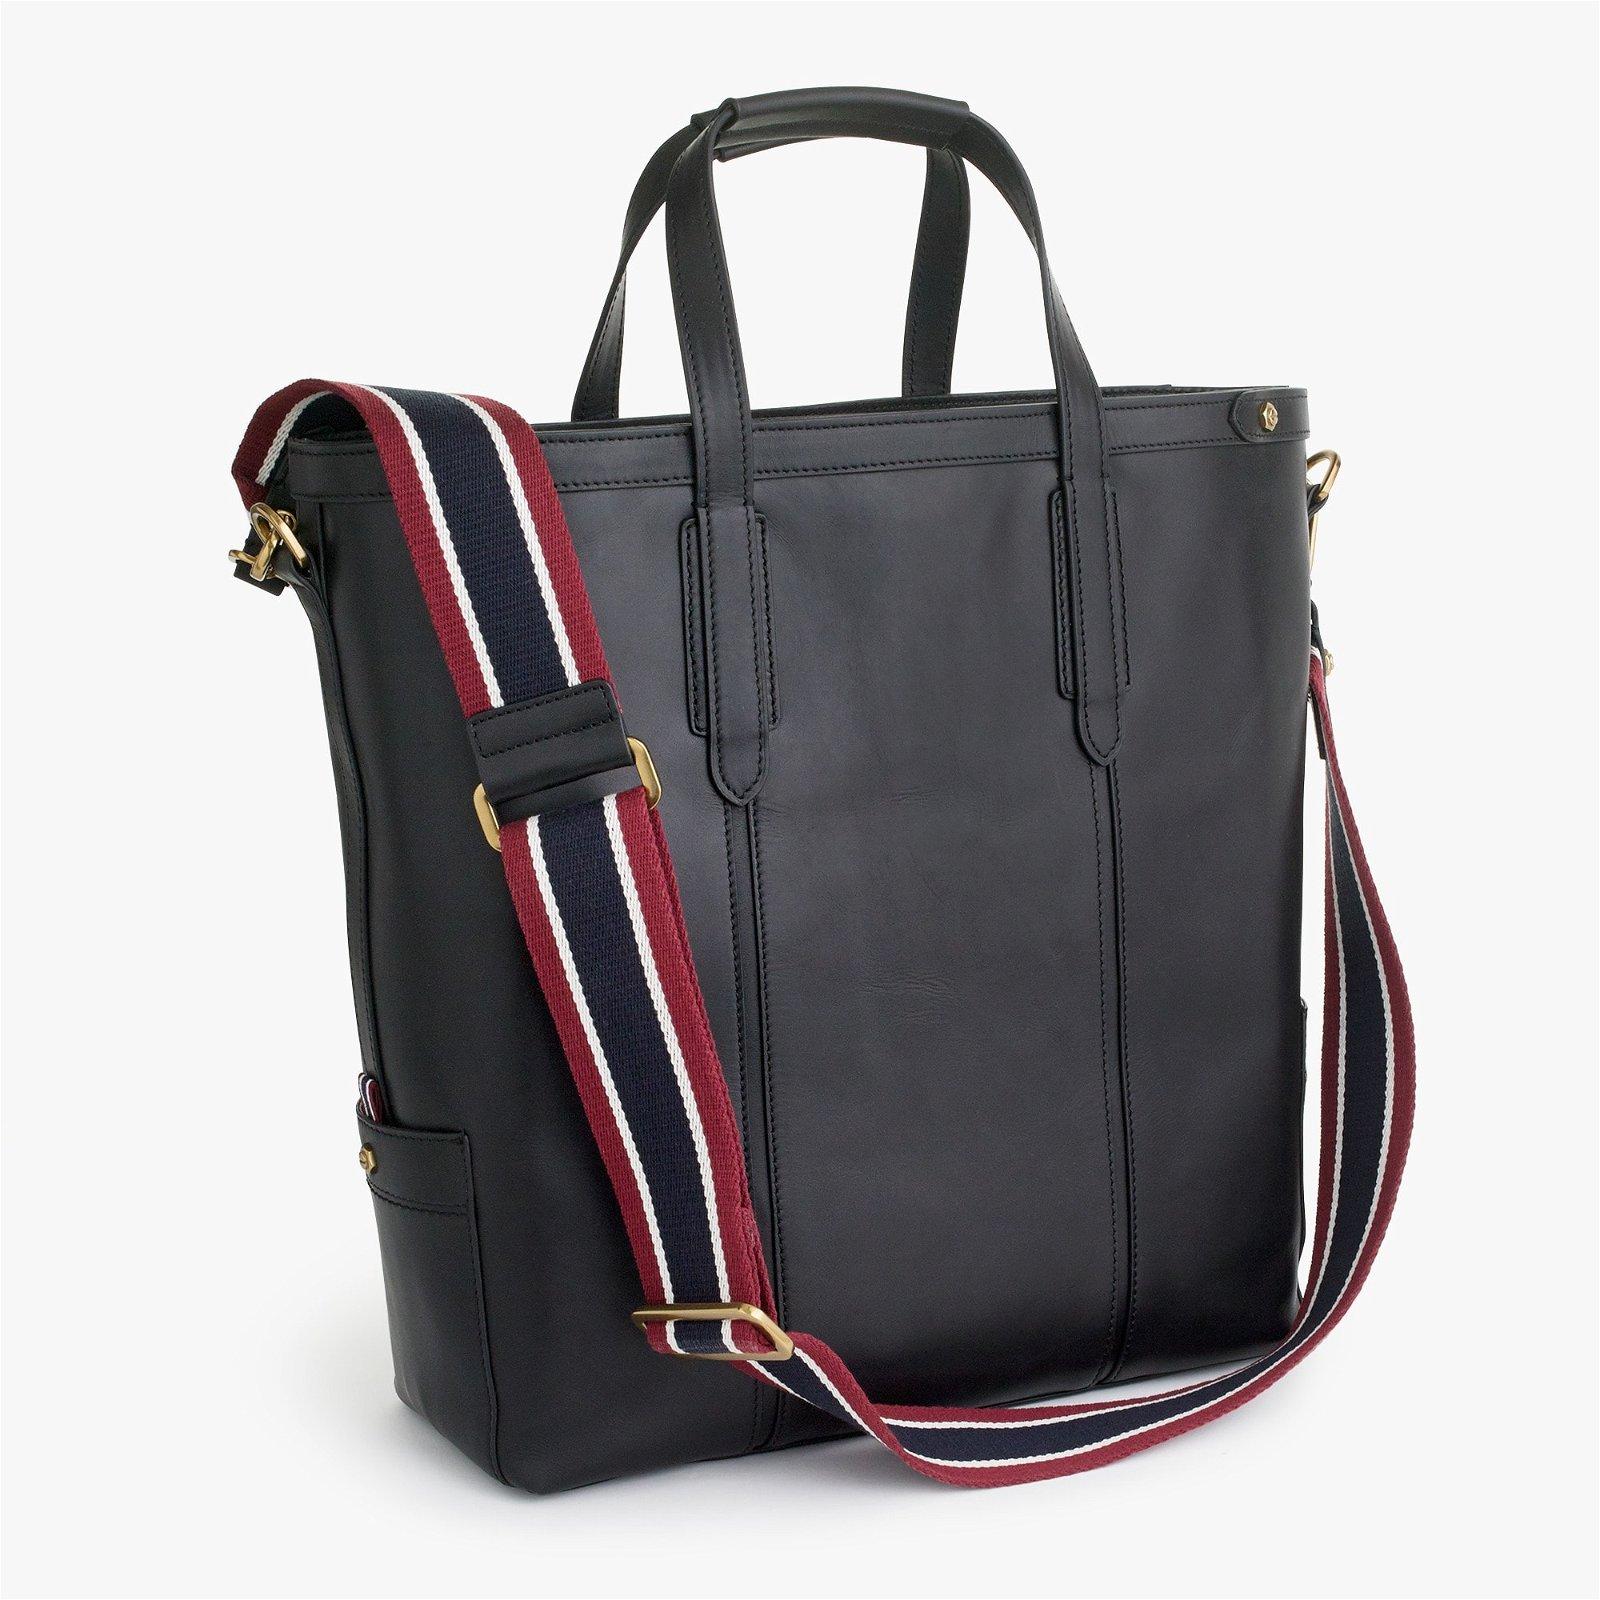 Oar Stripe leather tote bag